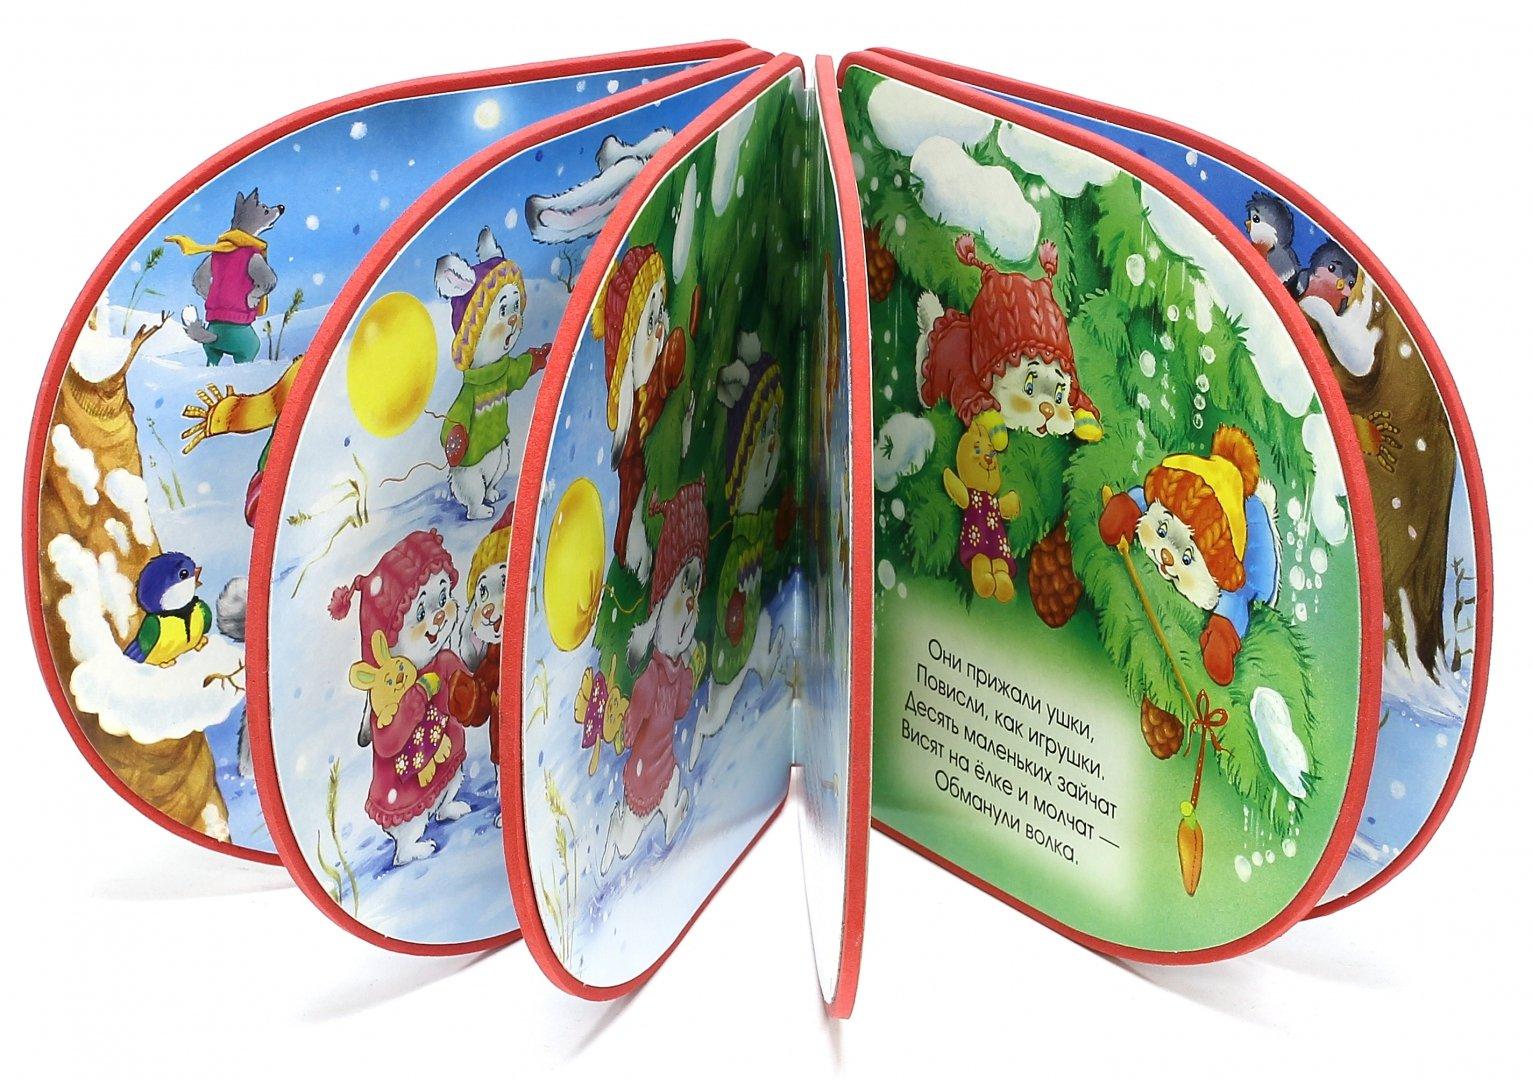 Иллюстрация 1 из 10 для Книжки-пышки. Дело было в январе - Агния Барто | Лабиринт - книги. Источник: Лабиринт